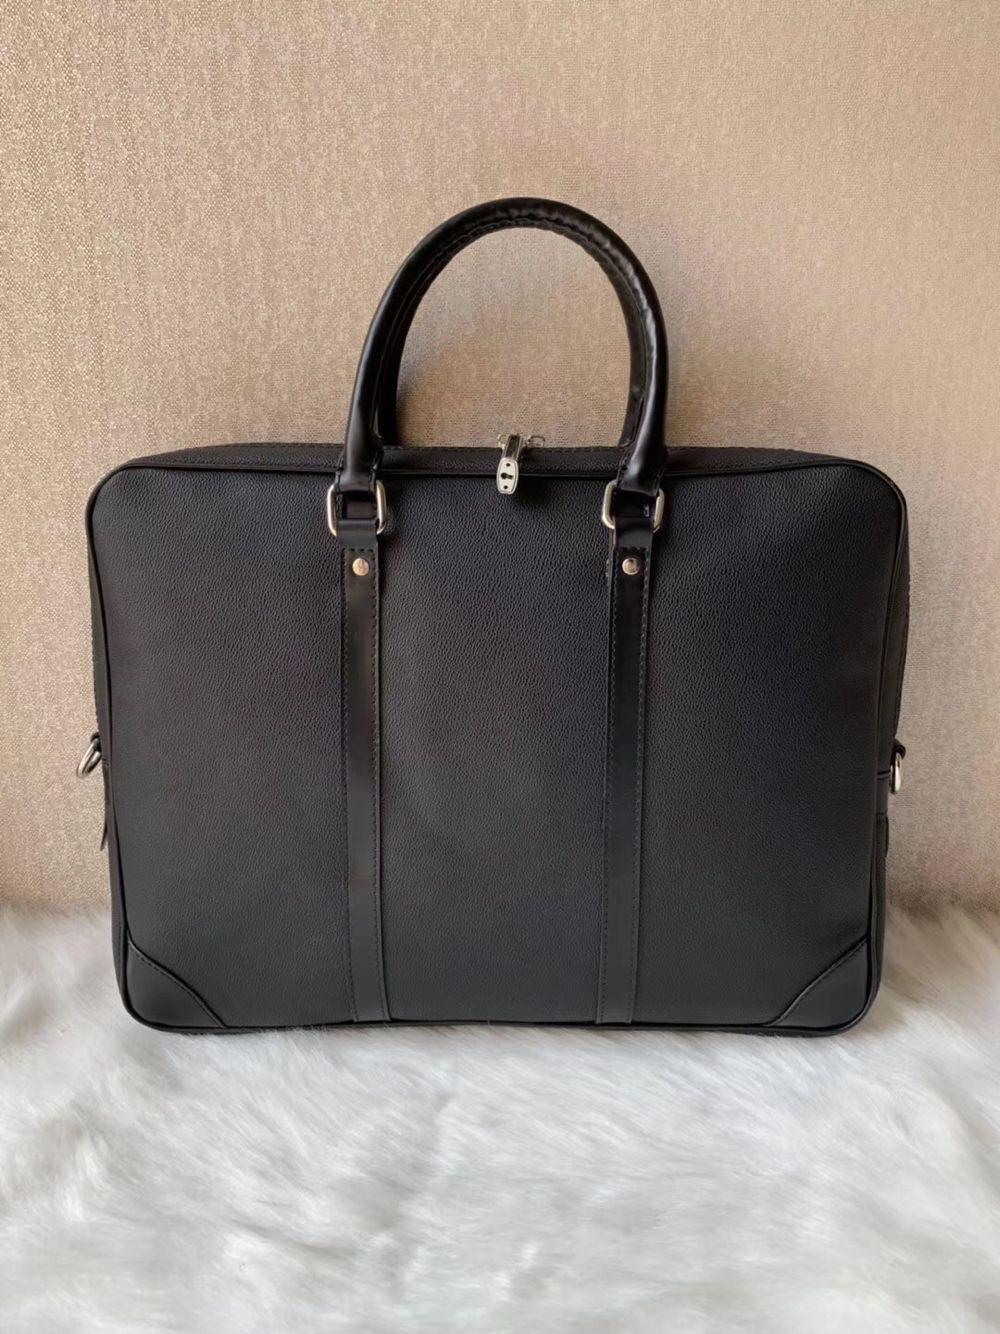 Сумки для ноутбуков PM высокого класса качества нового прибытие Классической талий сумка мода для мужчин сумка посыльного крест мешок тела школы сумка Учиться в России